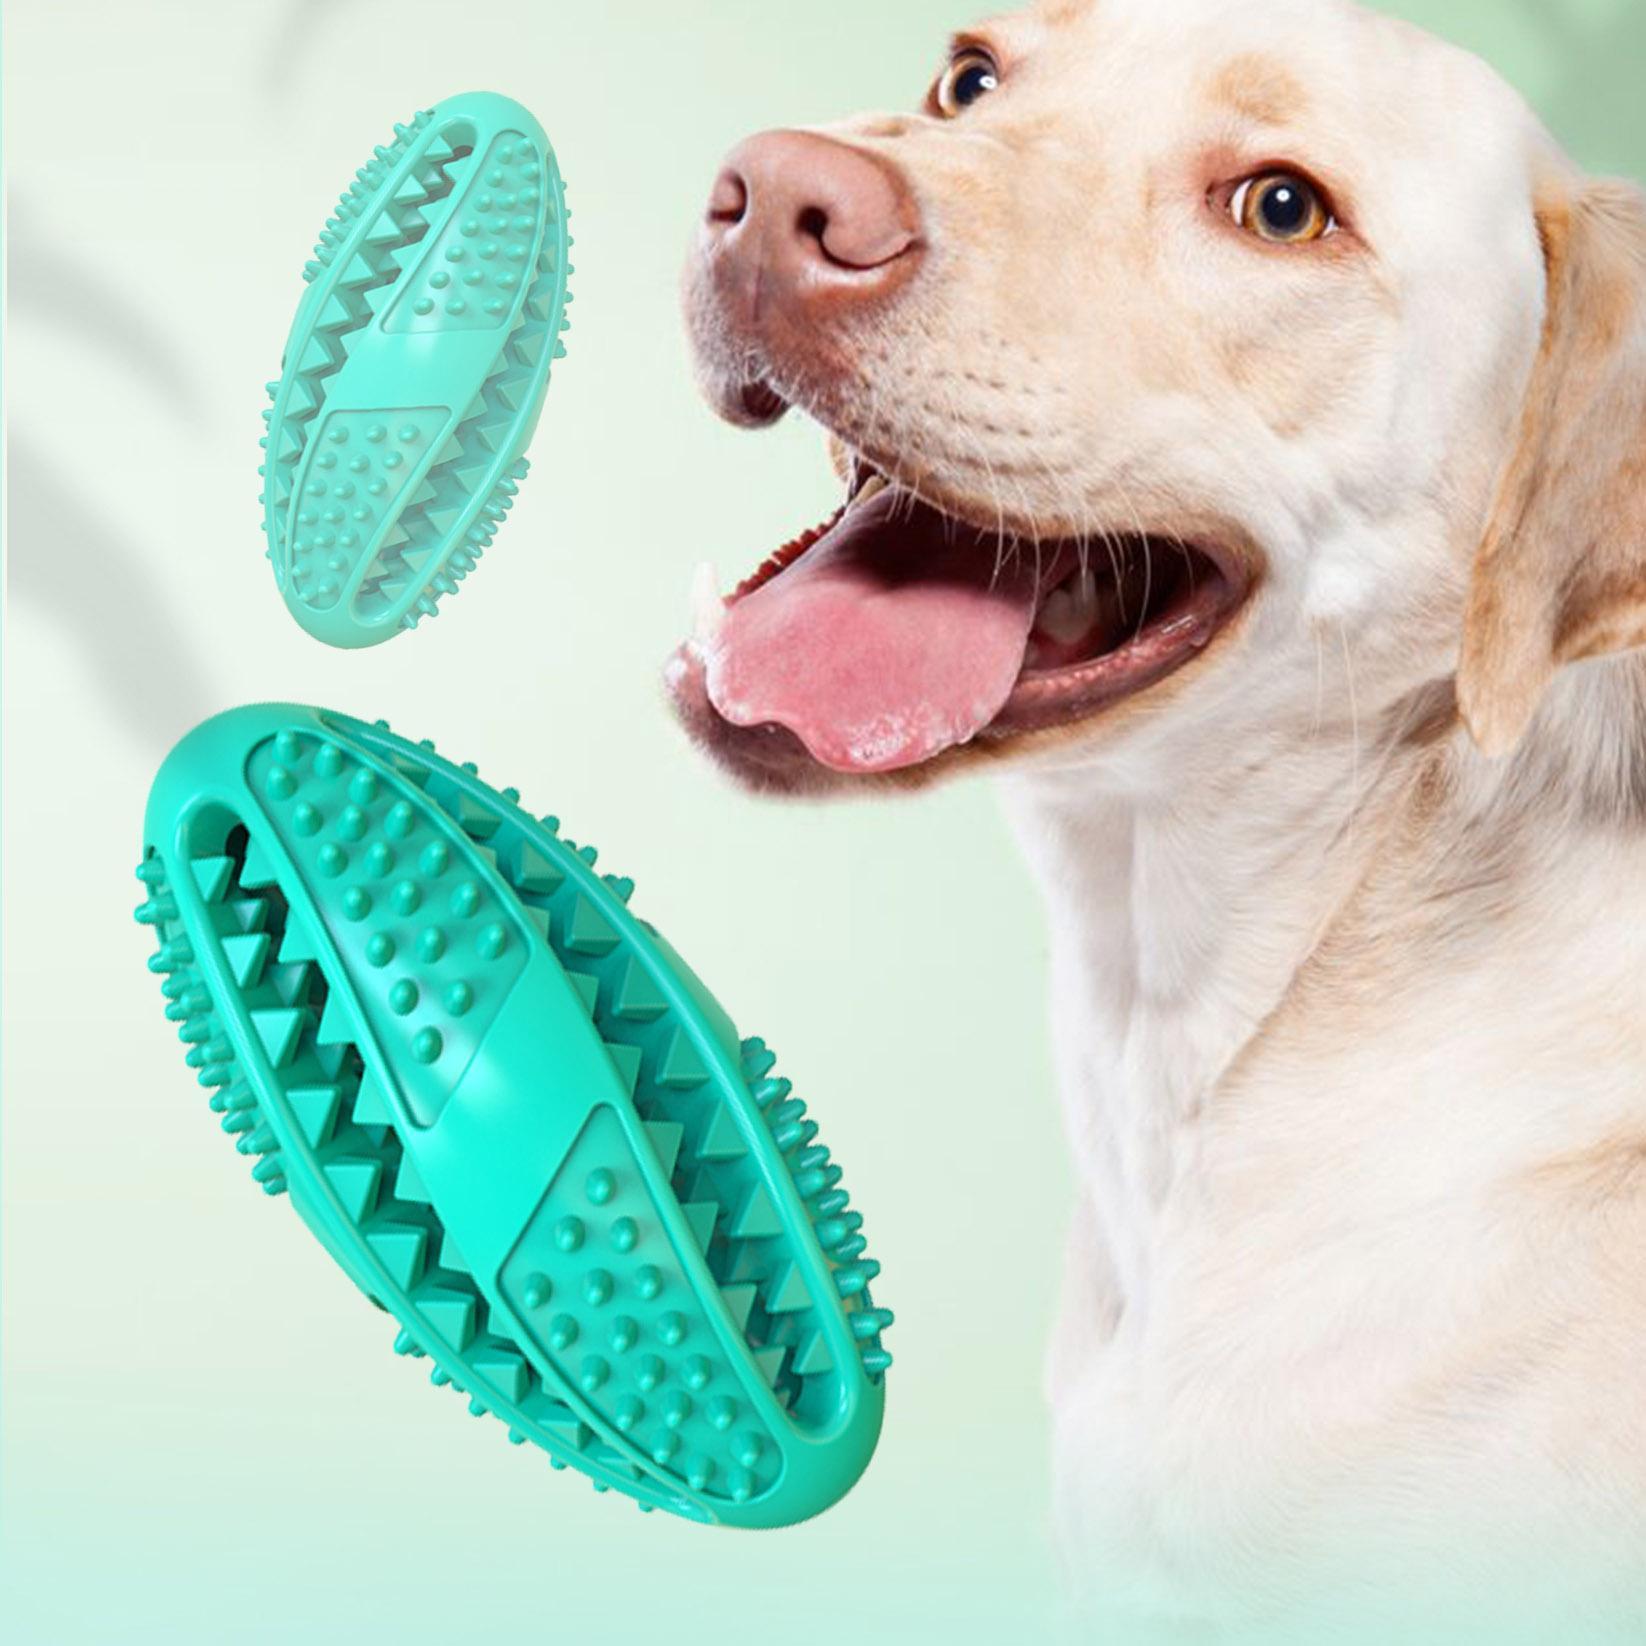 الحيوانات الأليفة الكلب اللعب السيليكون شفط كأس حزب الحيوانات الأليفة لعبة الكلب دفع الكرة لعبة الحيوانات الأليفة تنظيف الأسنان الكلب فرشاة الأسنان ل جرو كلب صغير عض لعبة